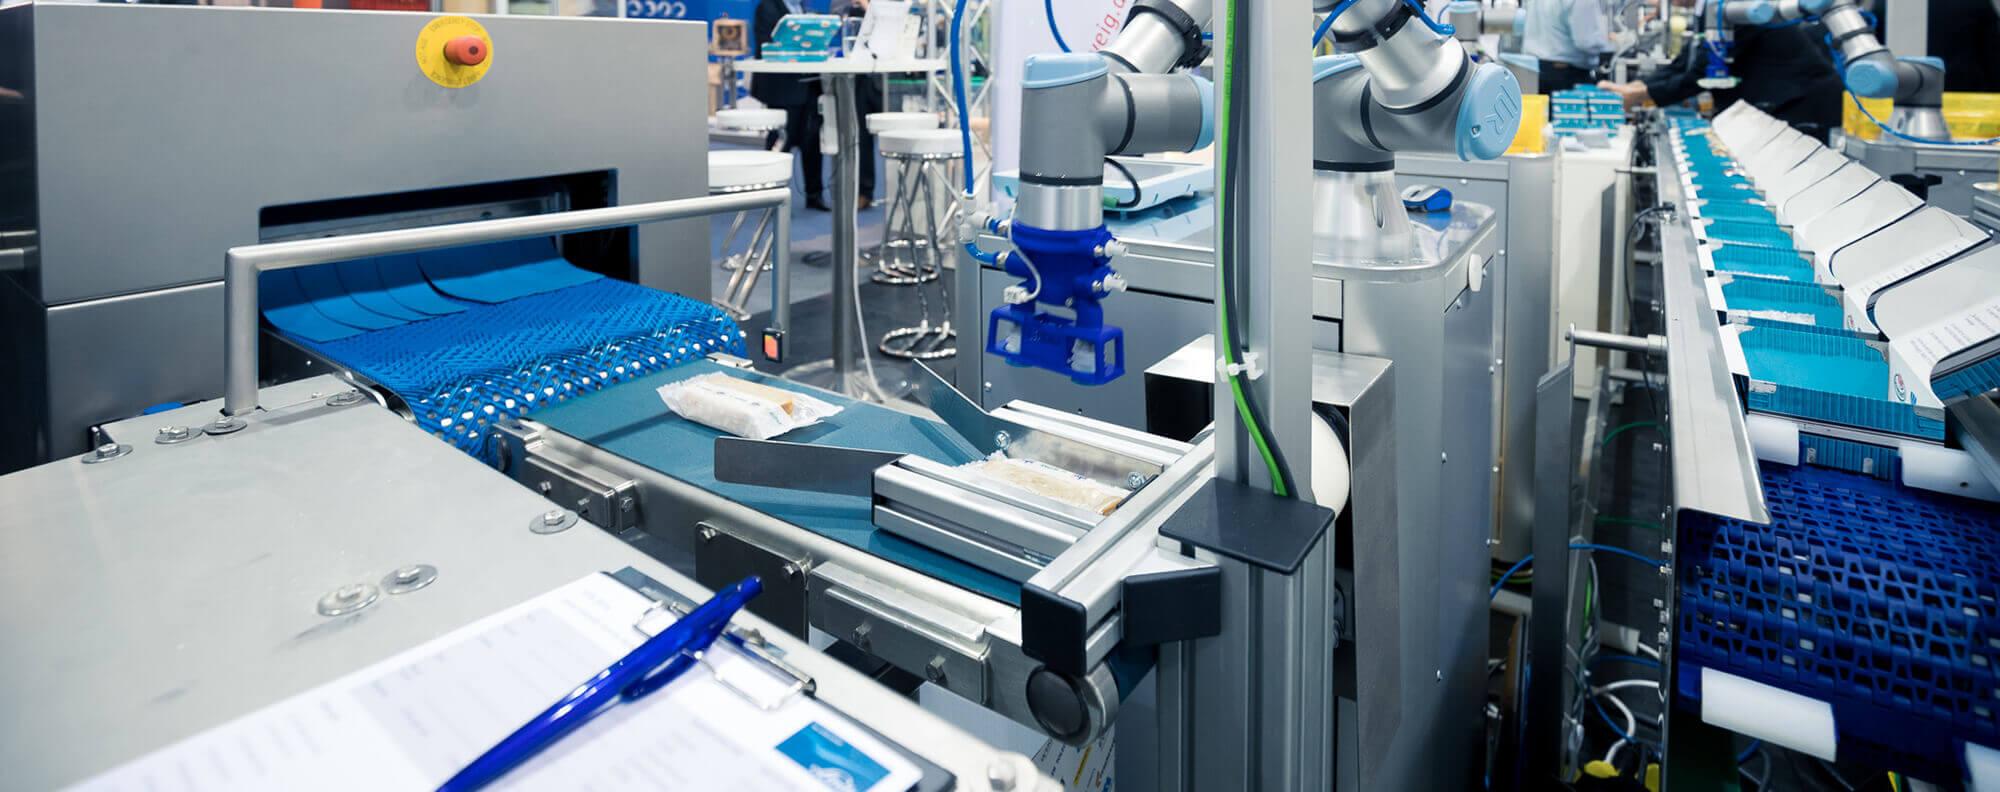 FERA – Forschungs- und Entwicklungsverein für Robotik- und Automationslösungen e.V.